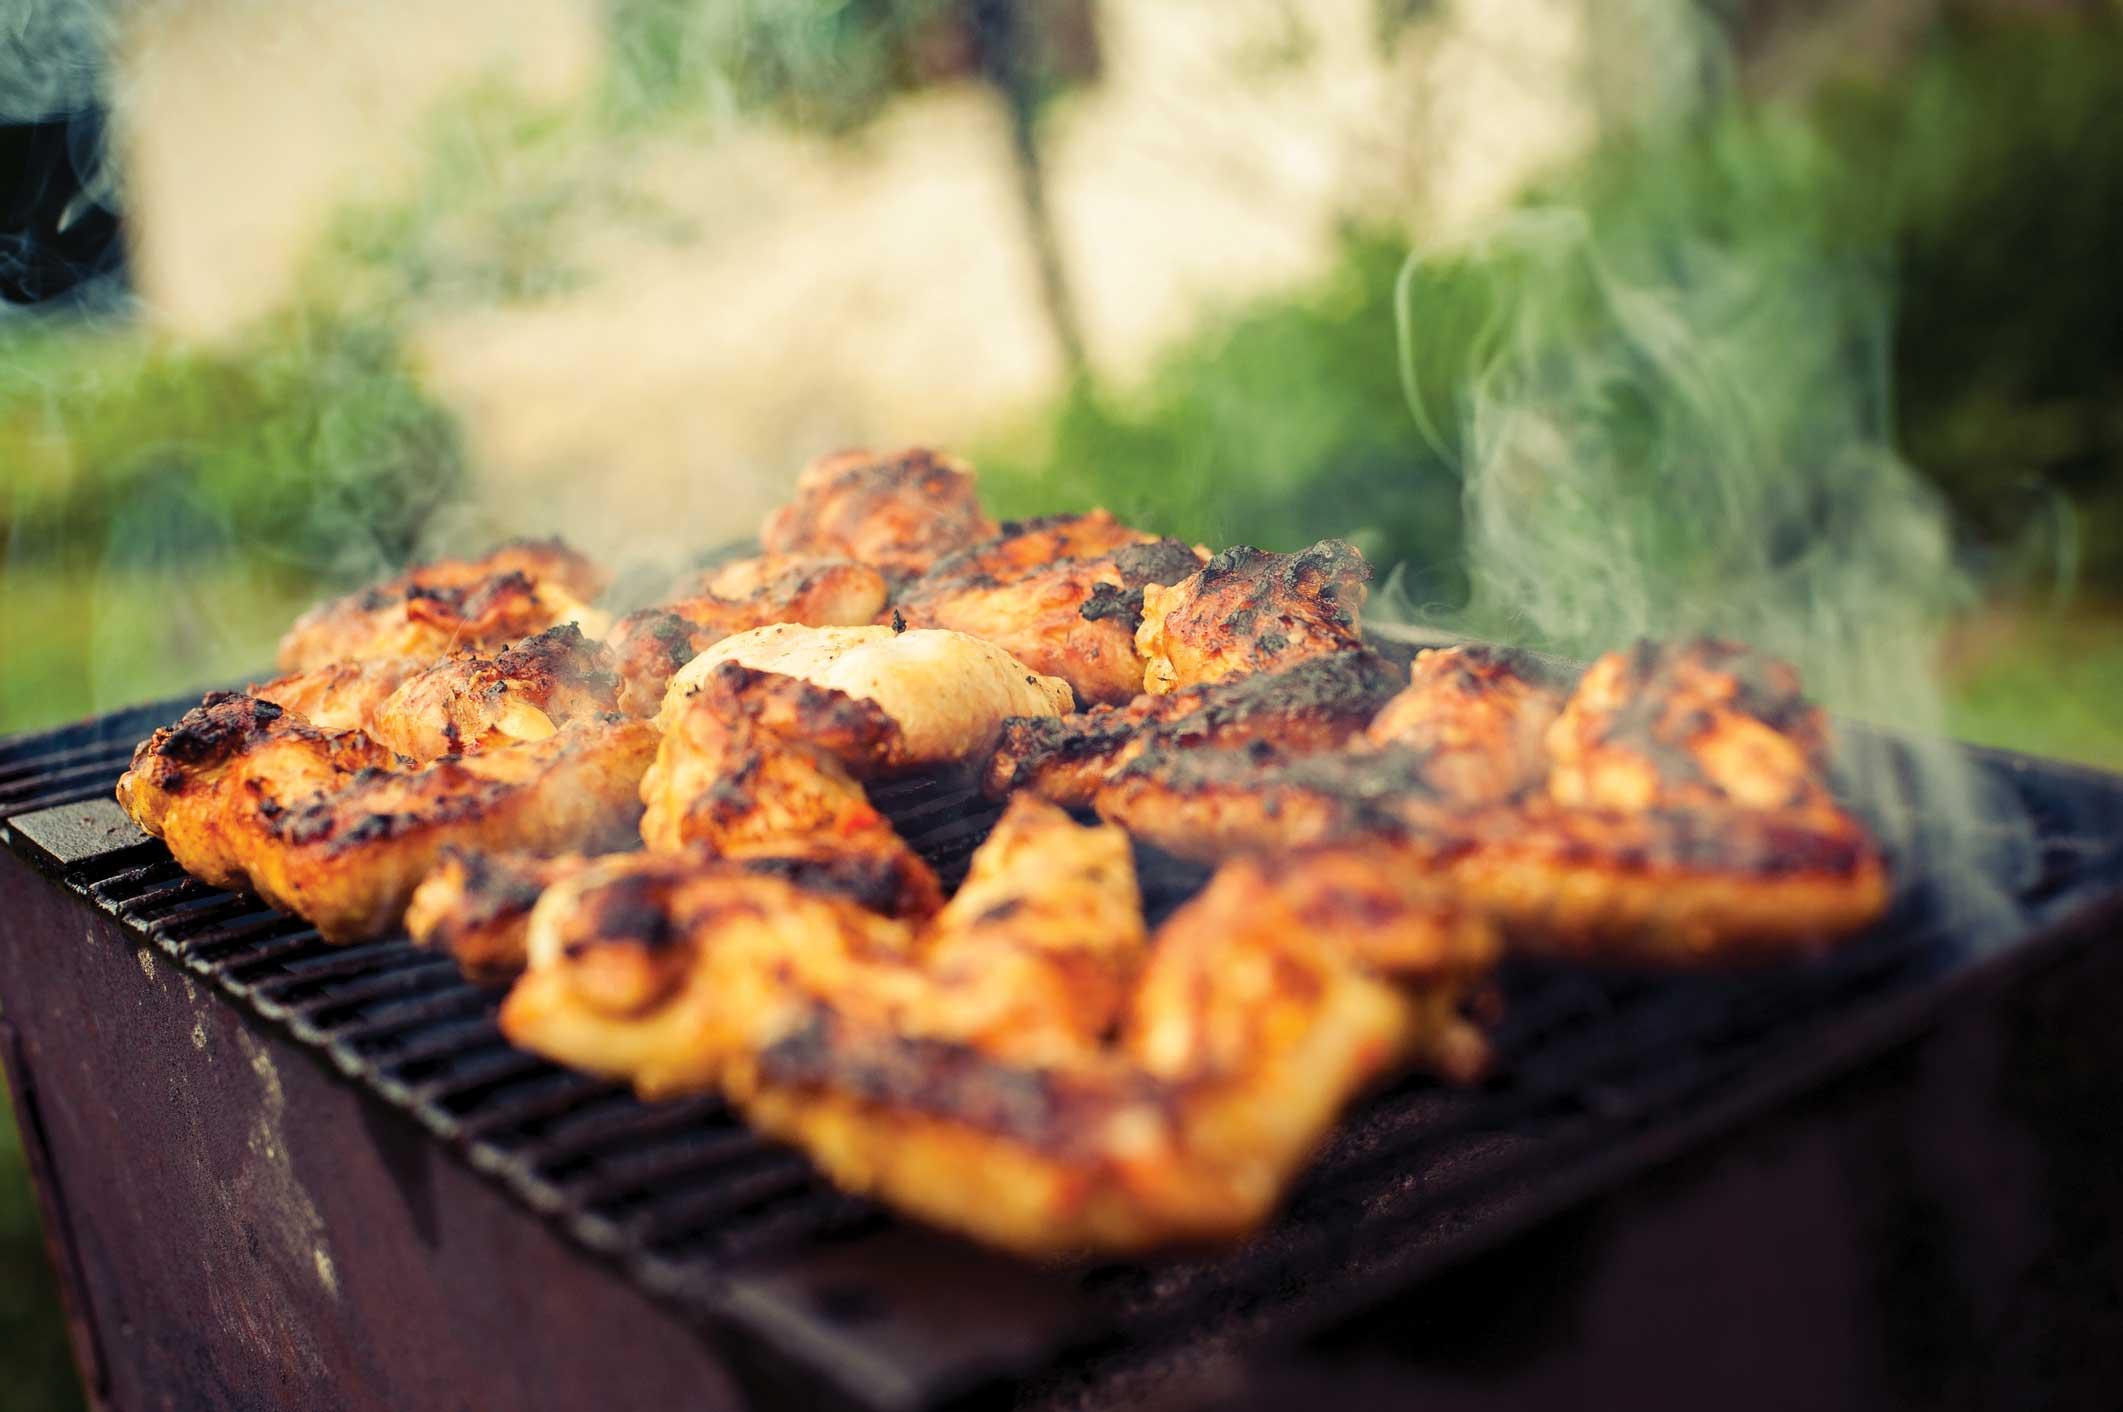 Grilled-Chicken_iSS508898908.jpg